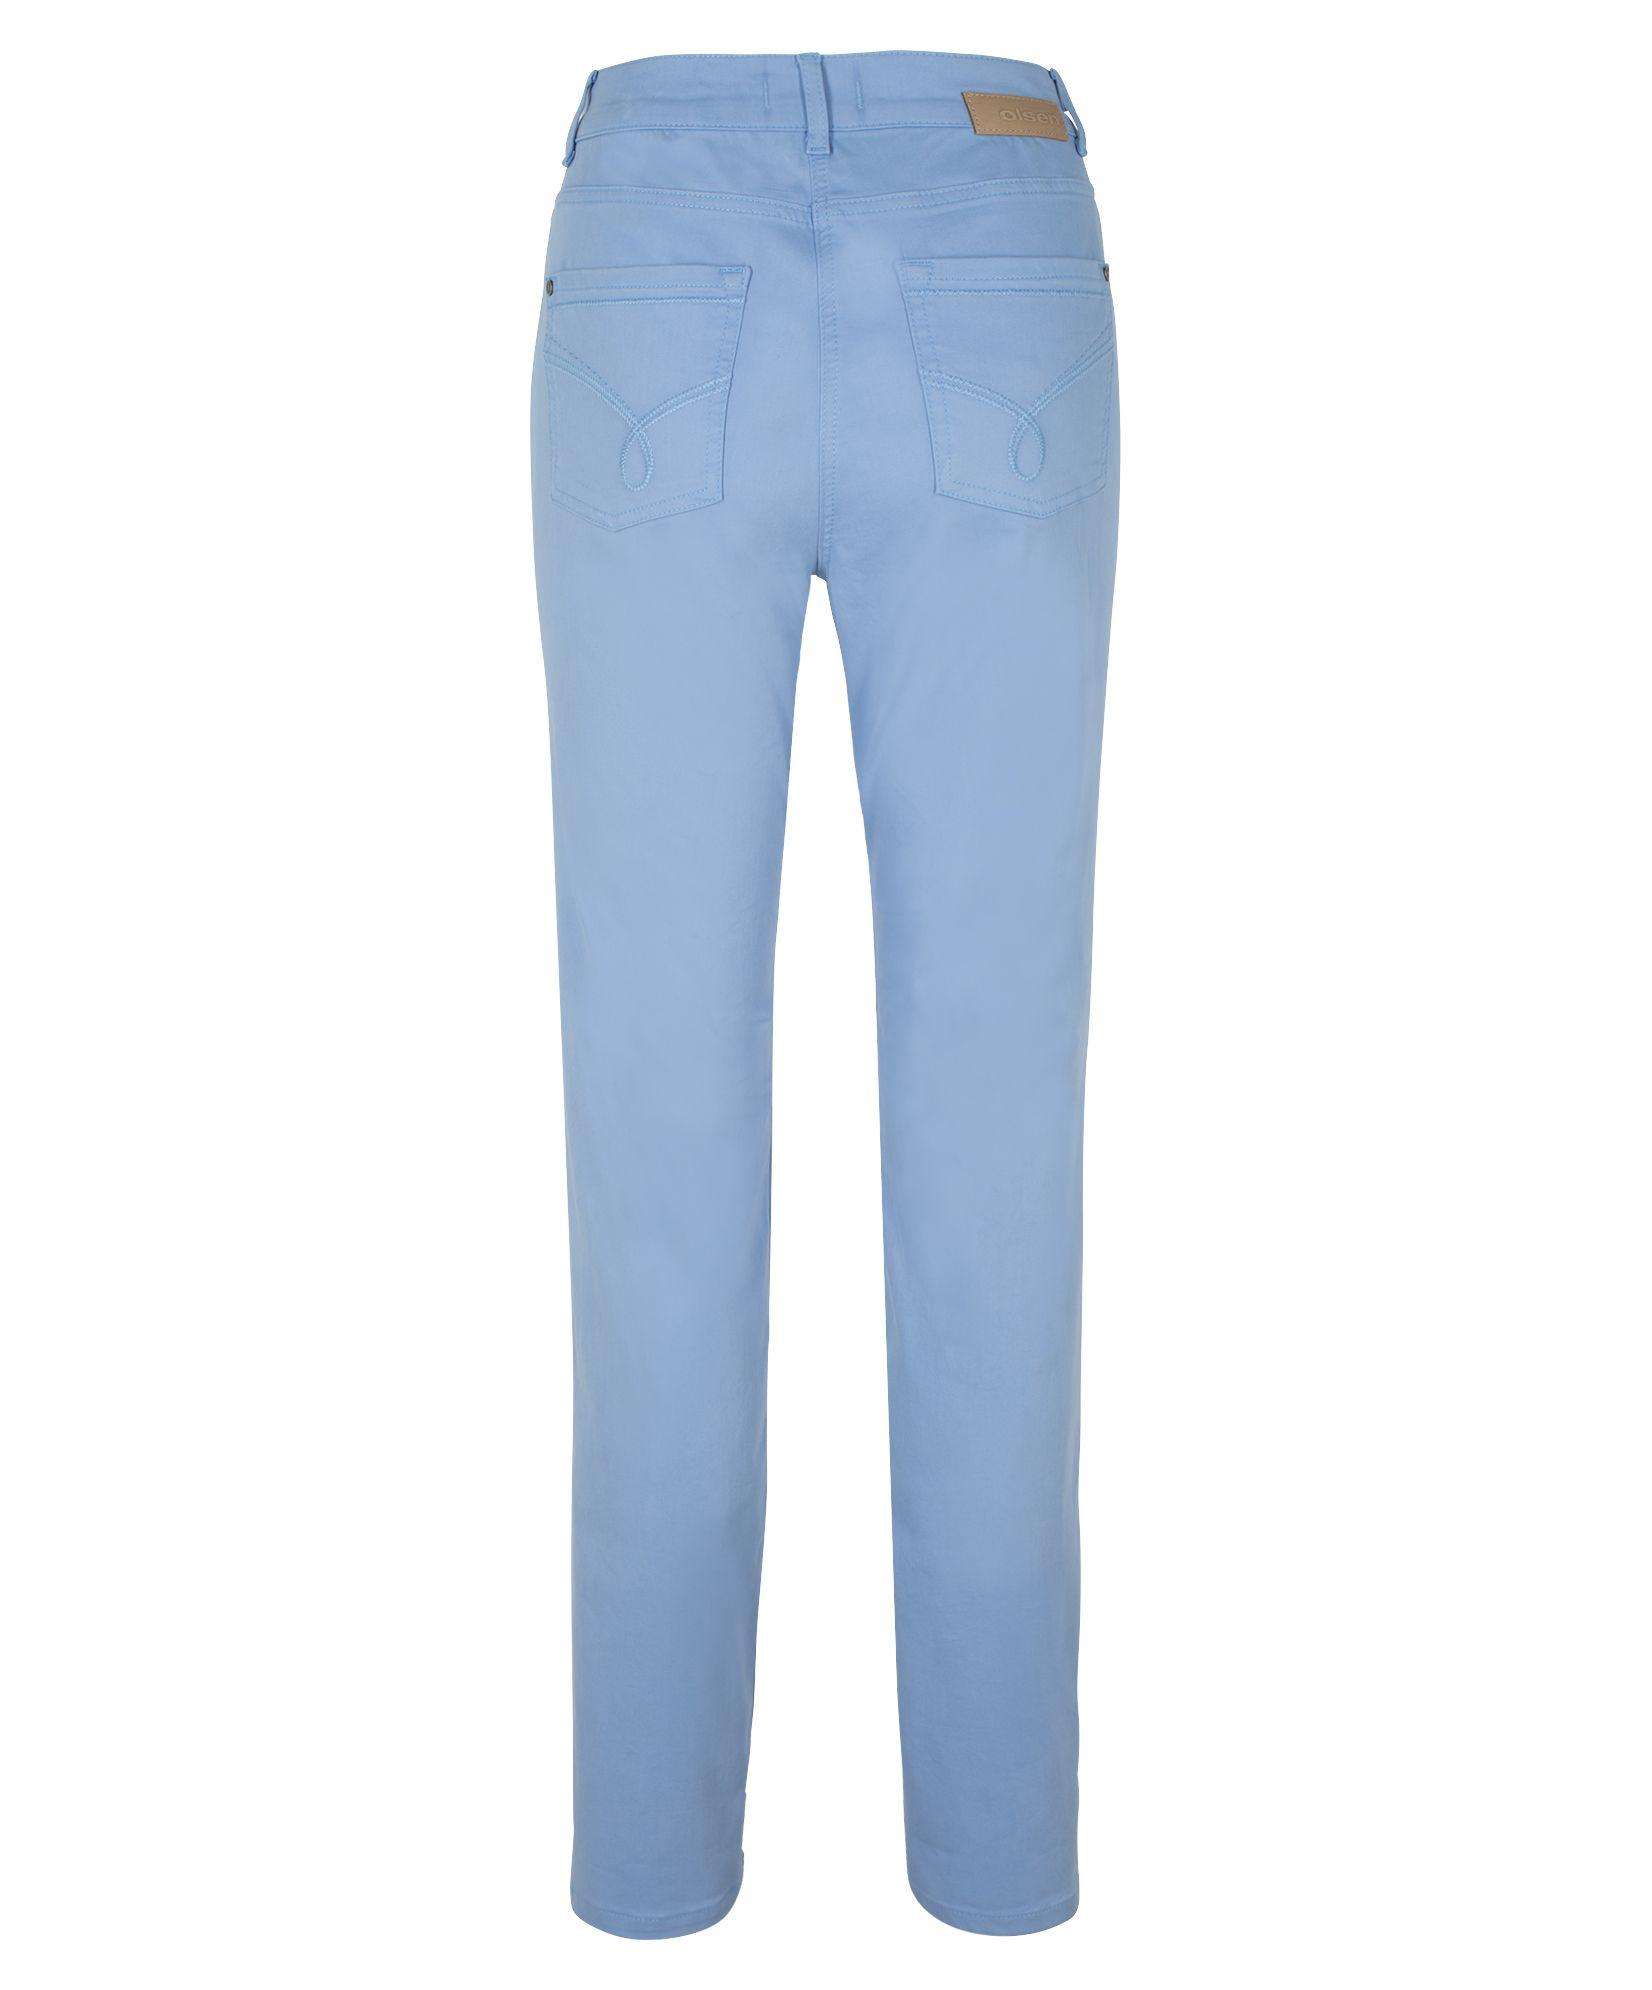 Olsen Denim Mona Straight Jeans in Blue